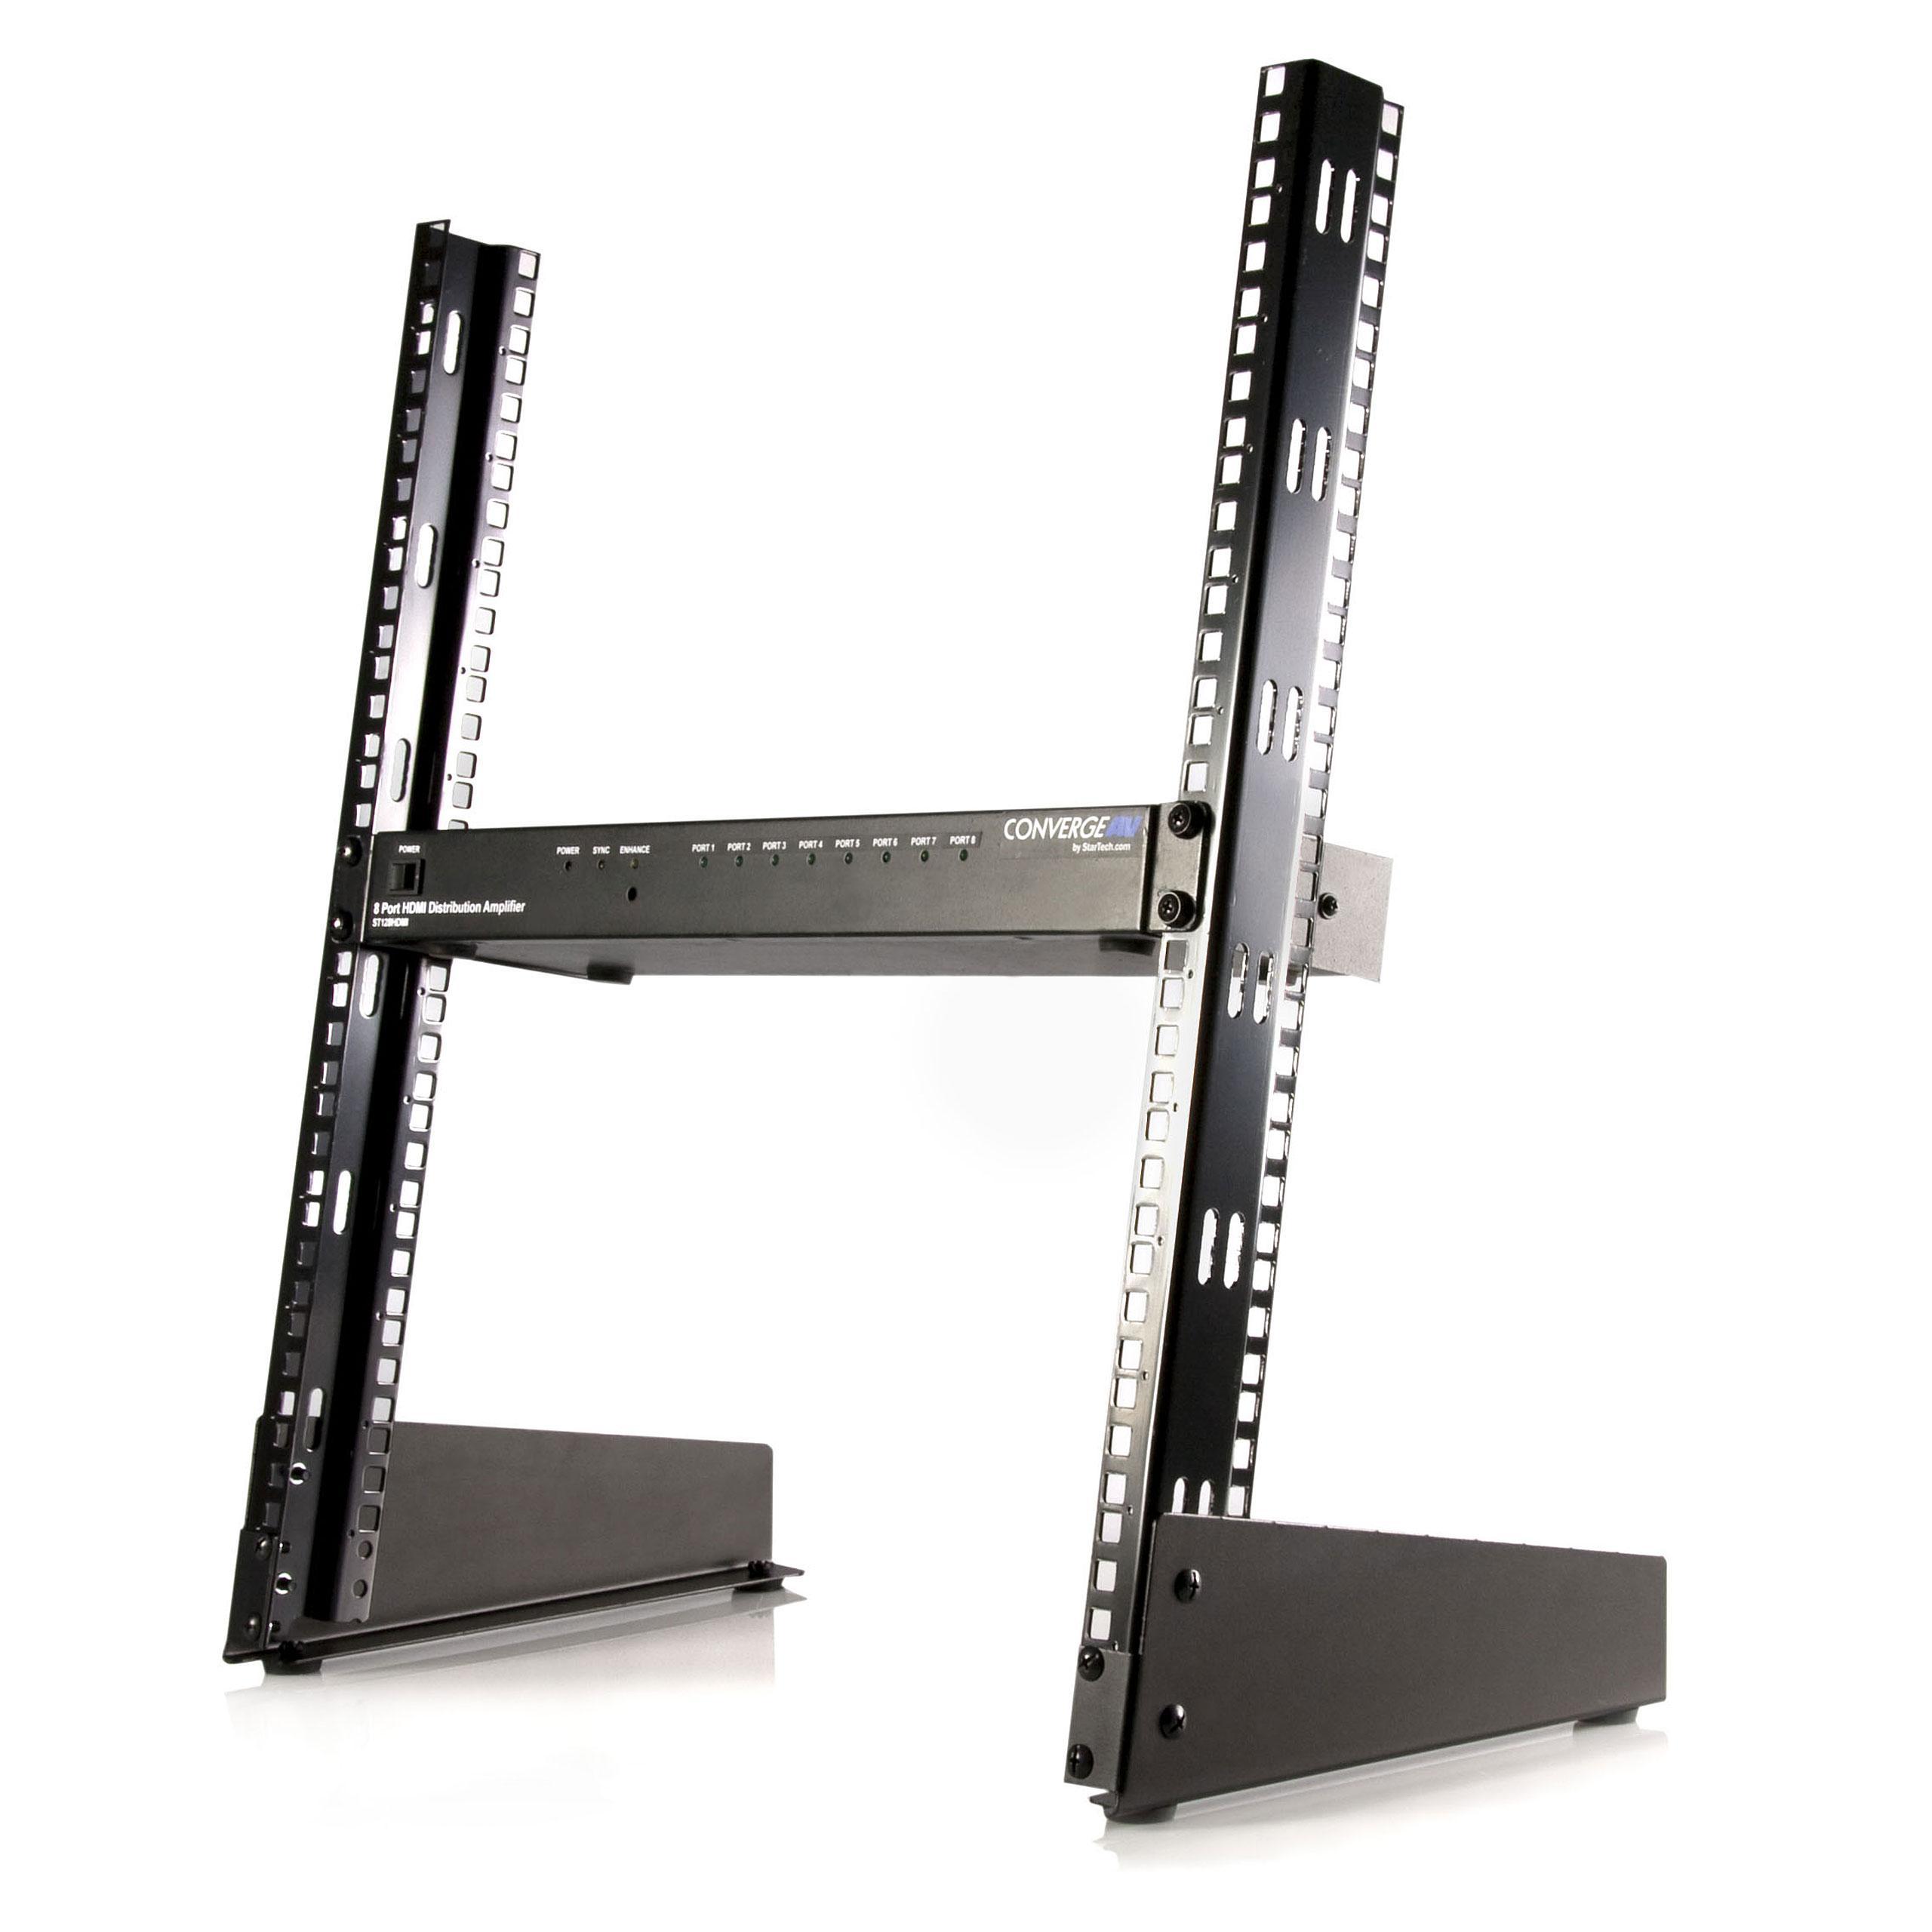 StarTech.com 12 HE 19 inch Desktop 2 Pfosten Open Frame: Amazon.co ...